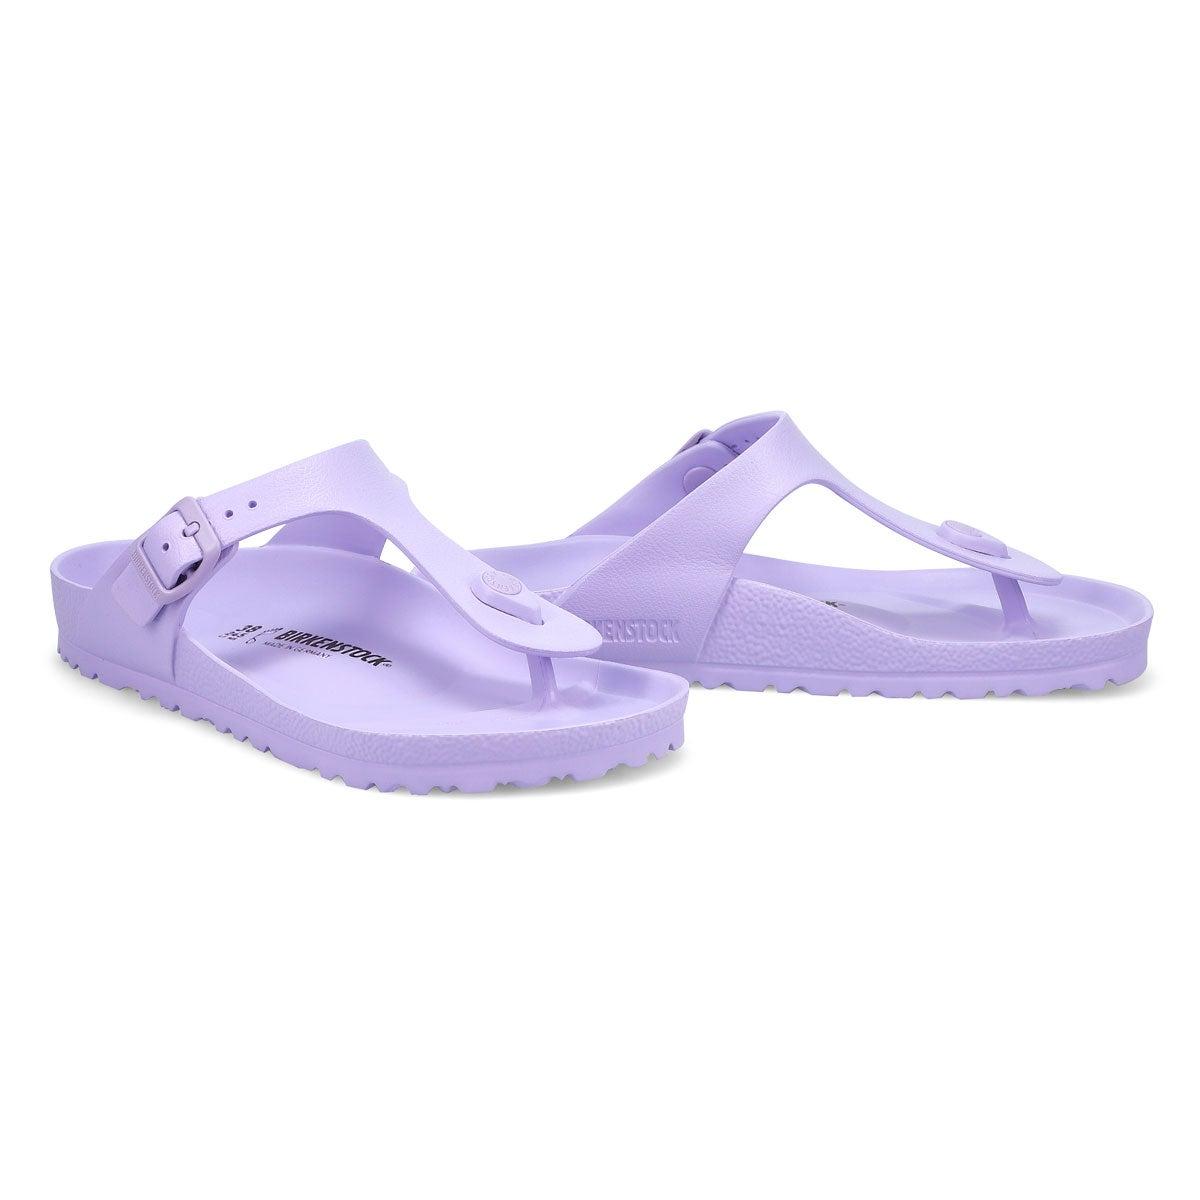 Women's Gizeh EVA Thong Sandal - Purple